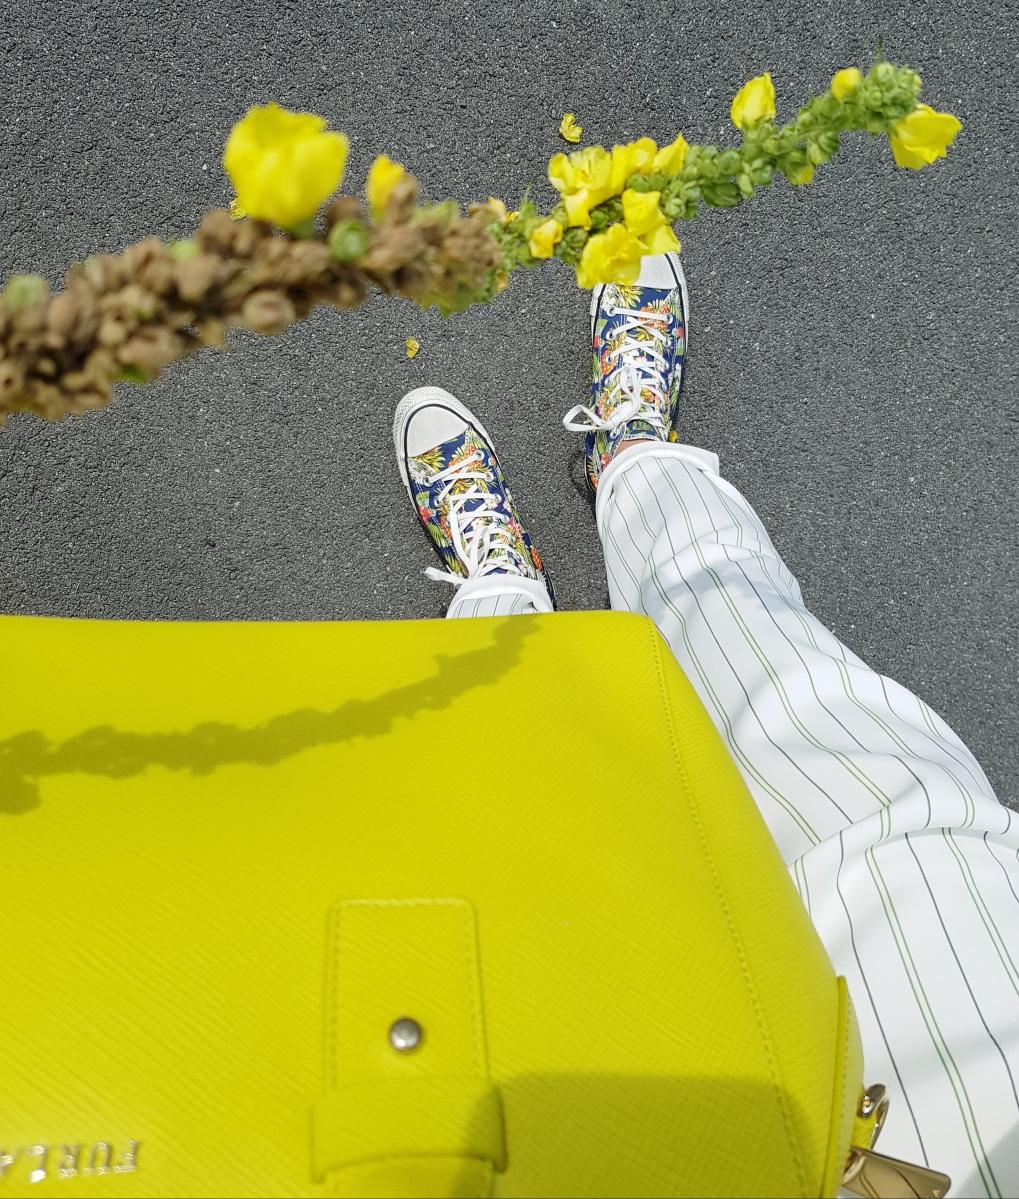 Jetzt mal was ganz überraschendes - ich liebe Schuhe!